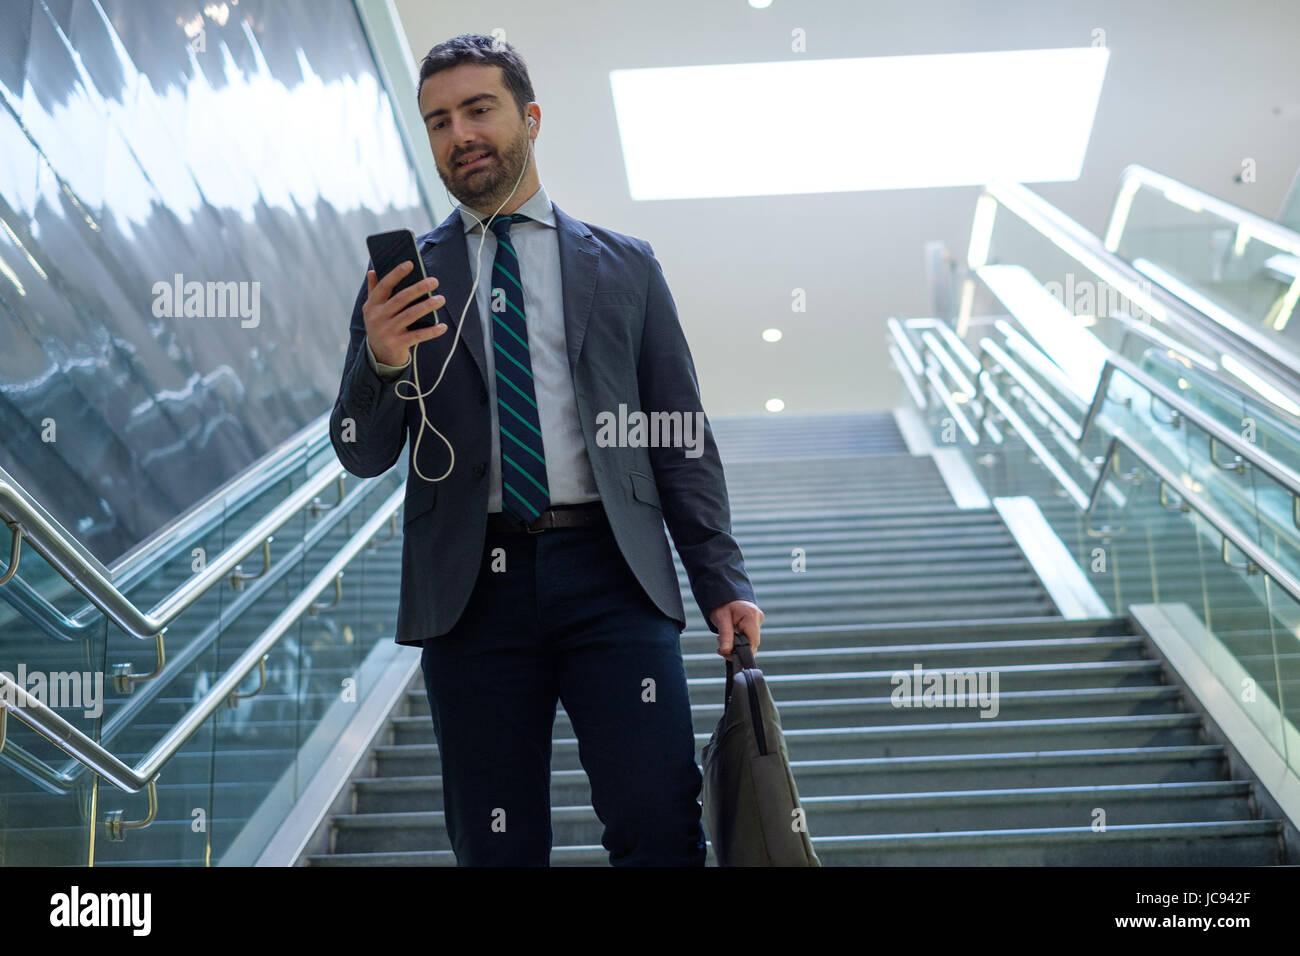 El empresario está mirando su teléfono móvil mientras va a trabajar Imagen De Stock